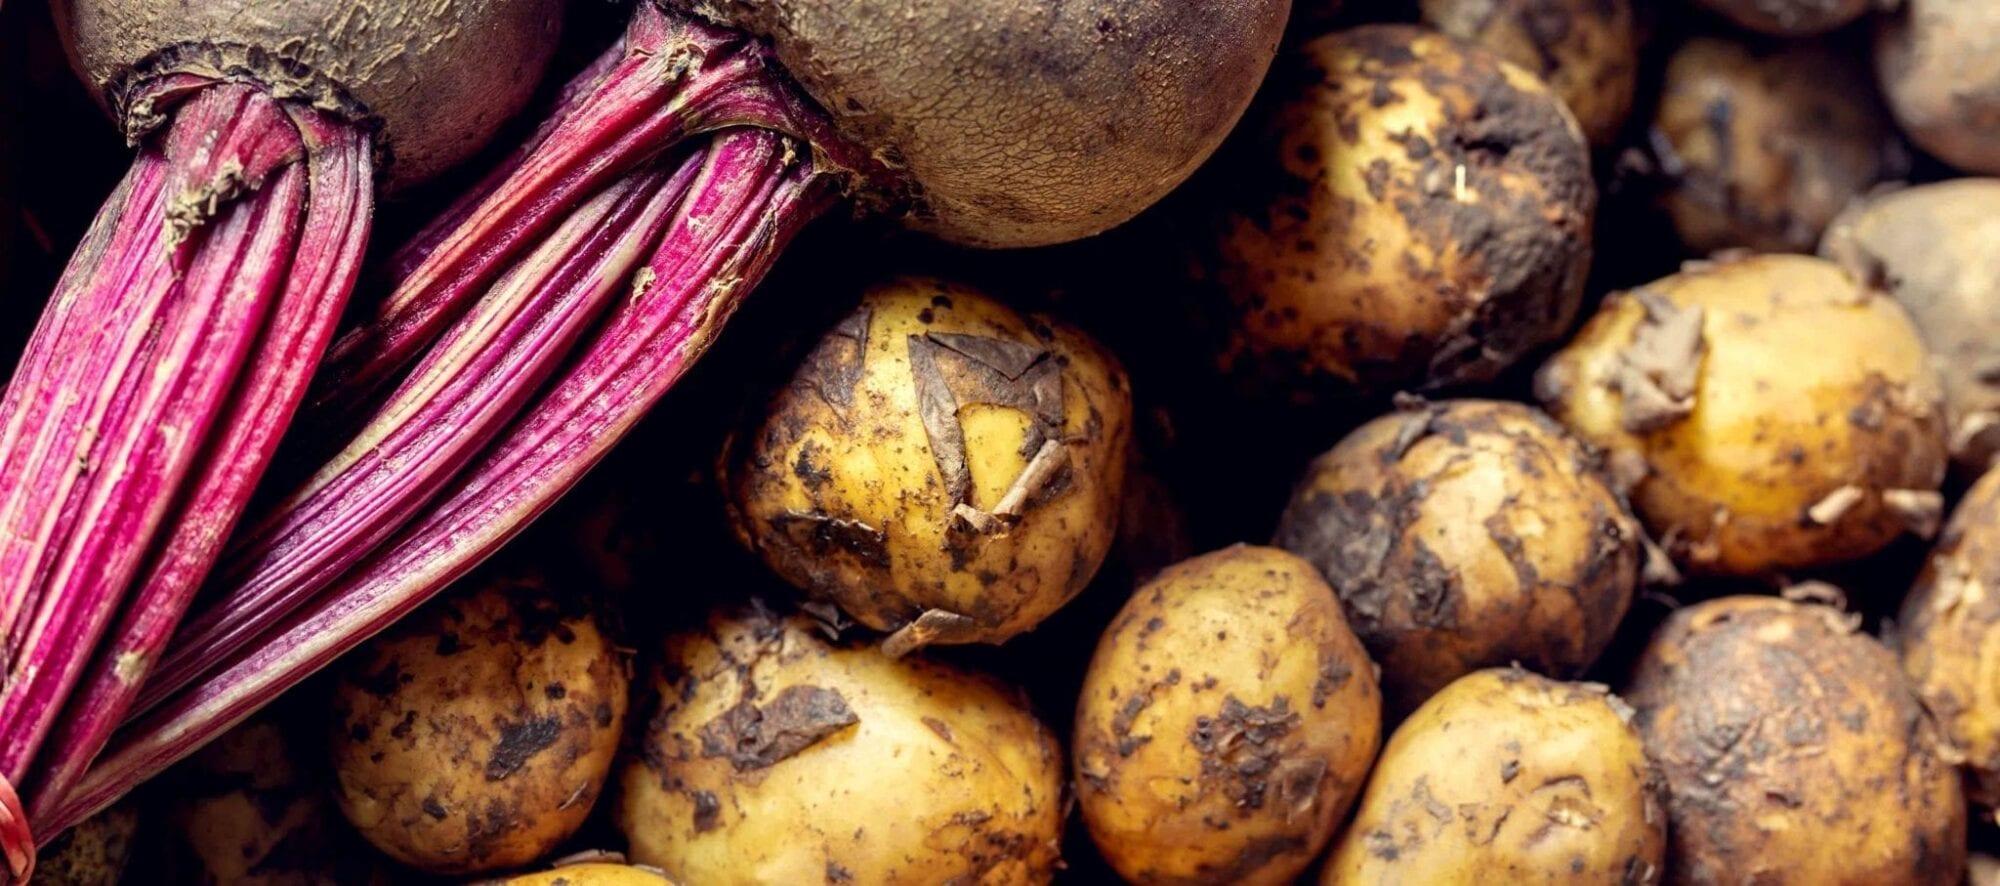 Kartofler-roedbedtaarn